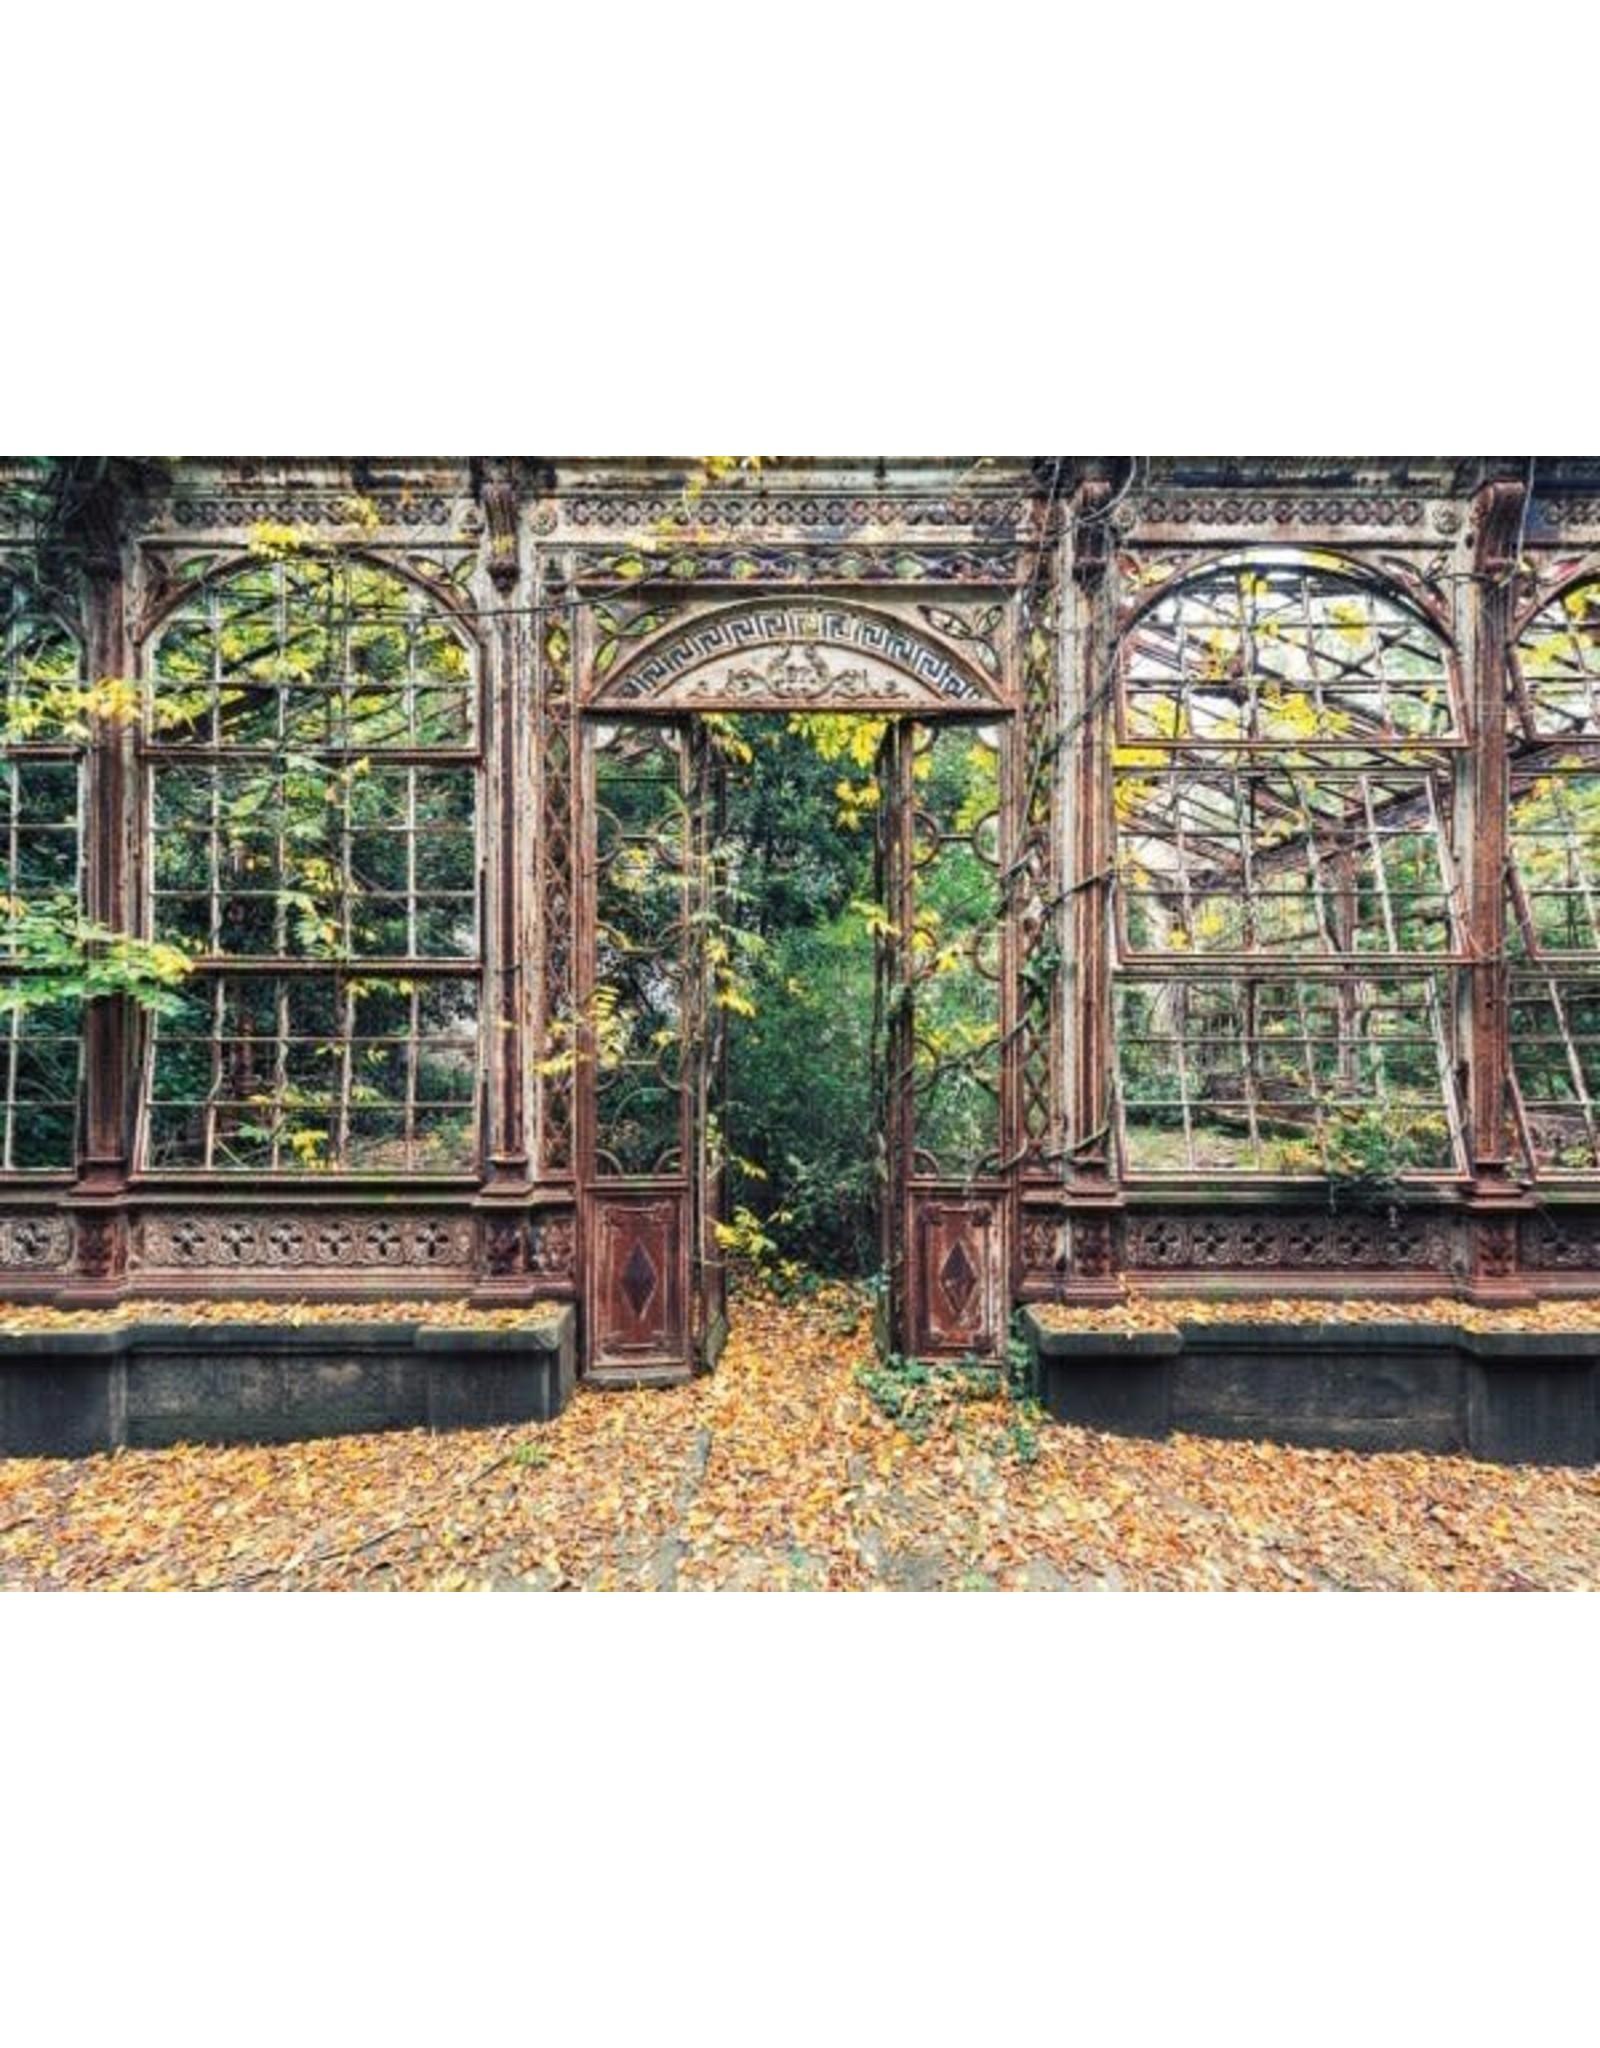 Schmidt Vegetal Arch Puzzle 1000 Pc